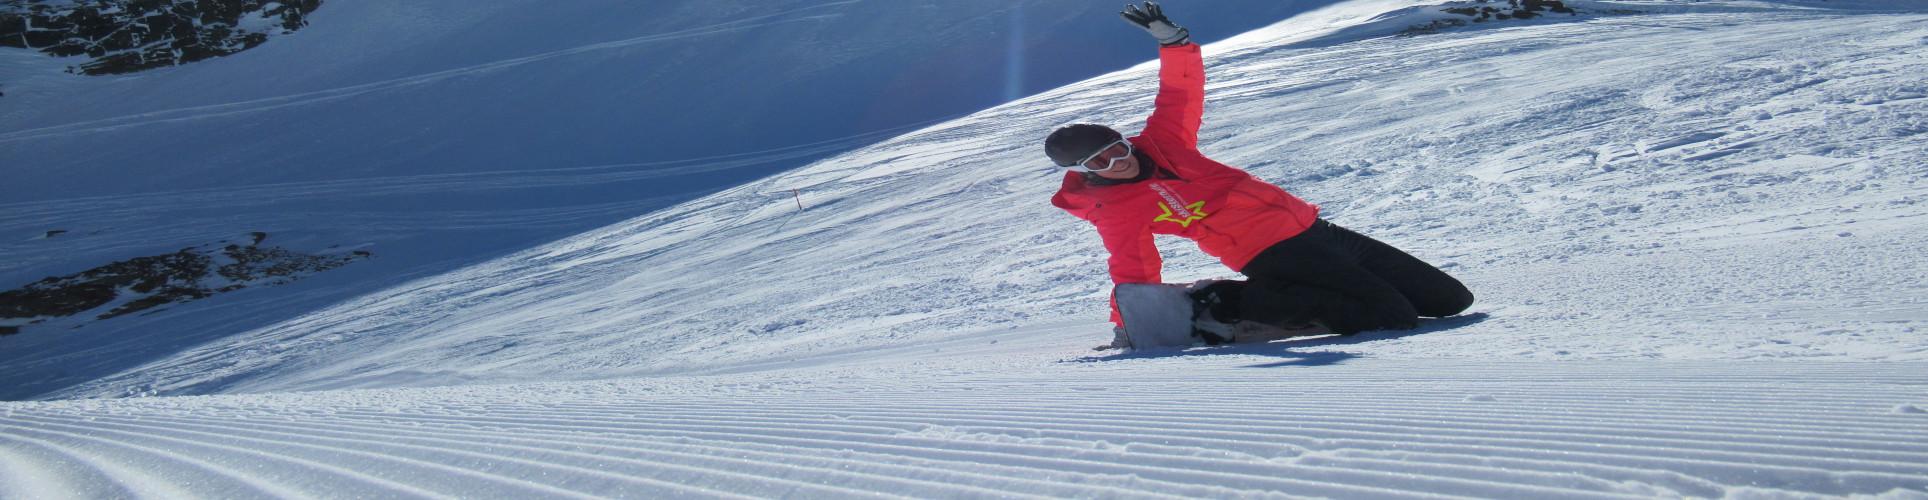 ISCHGL, SERFAUS, SÖLDEN – Skisafari über Ostern – 4 Schneetage – Österreichs beste Skigebiete